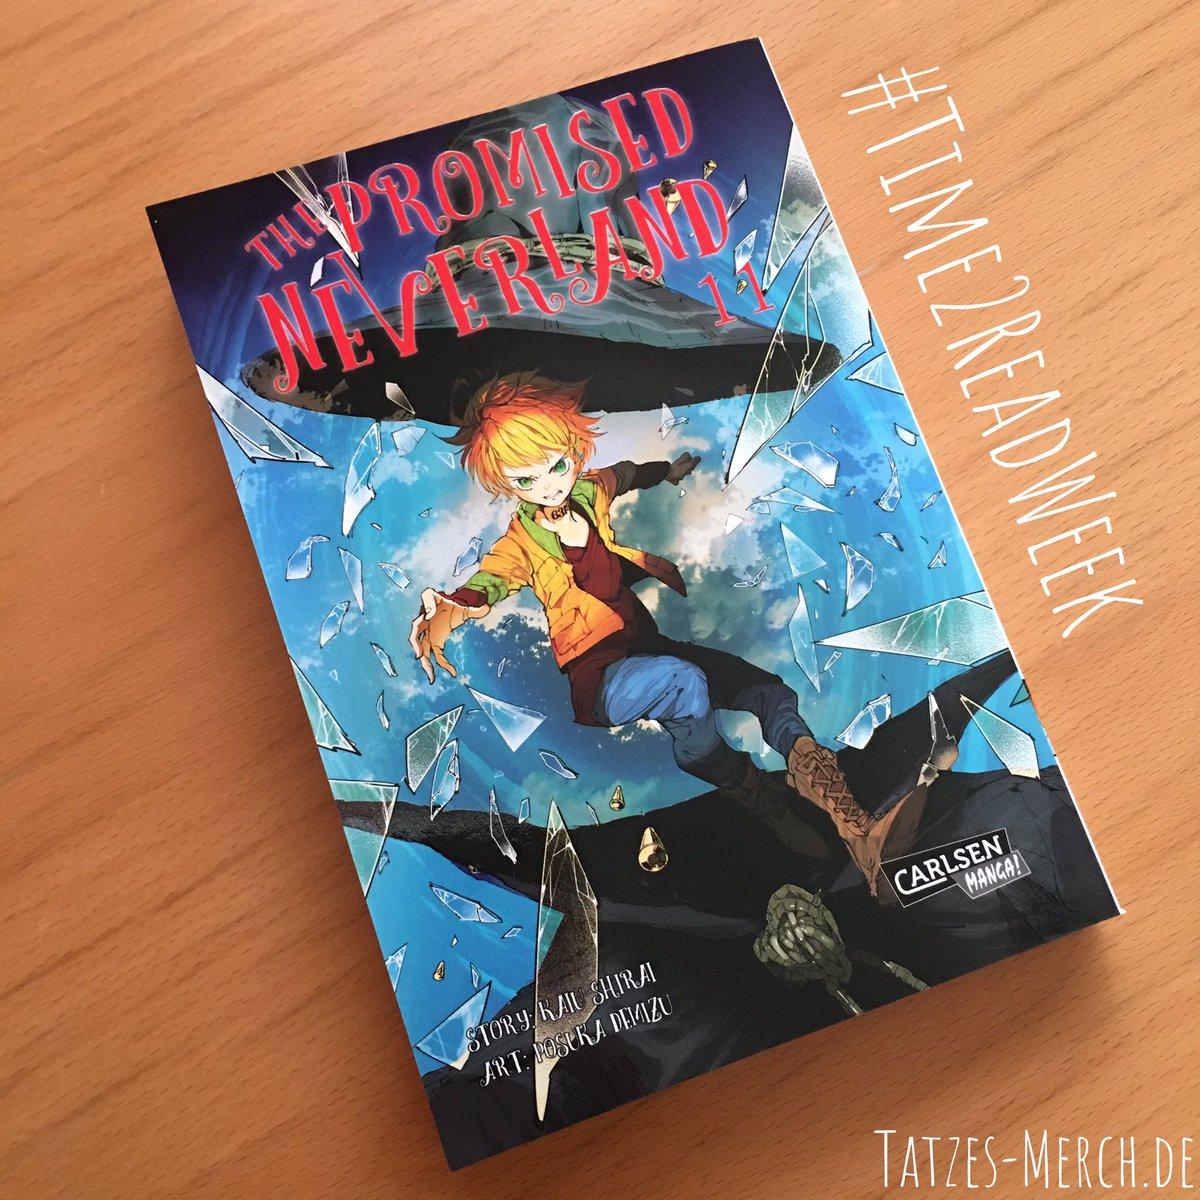 """Am vierten Tag der #Time2ReadWeek habe ich an meinem Buch weitergelesen und noch """"The Promised Neverland"""" Band 11 verschlungen - super spannend #TatzesMerch #ThePromisedNeverland #PosukaDemizu #KaiuShirai #CarlsenManga pic.twitter.com/nixA7d6FUL"""